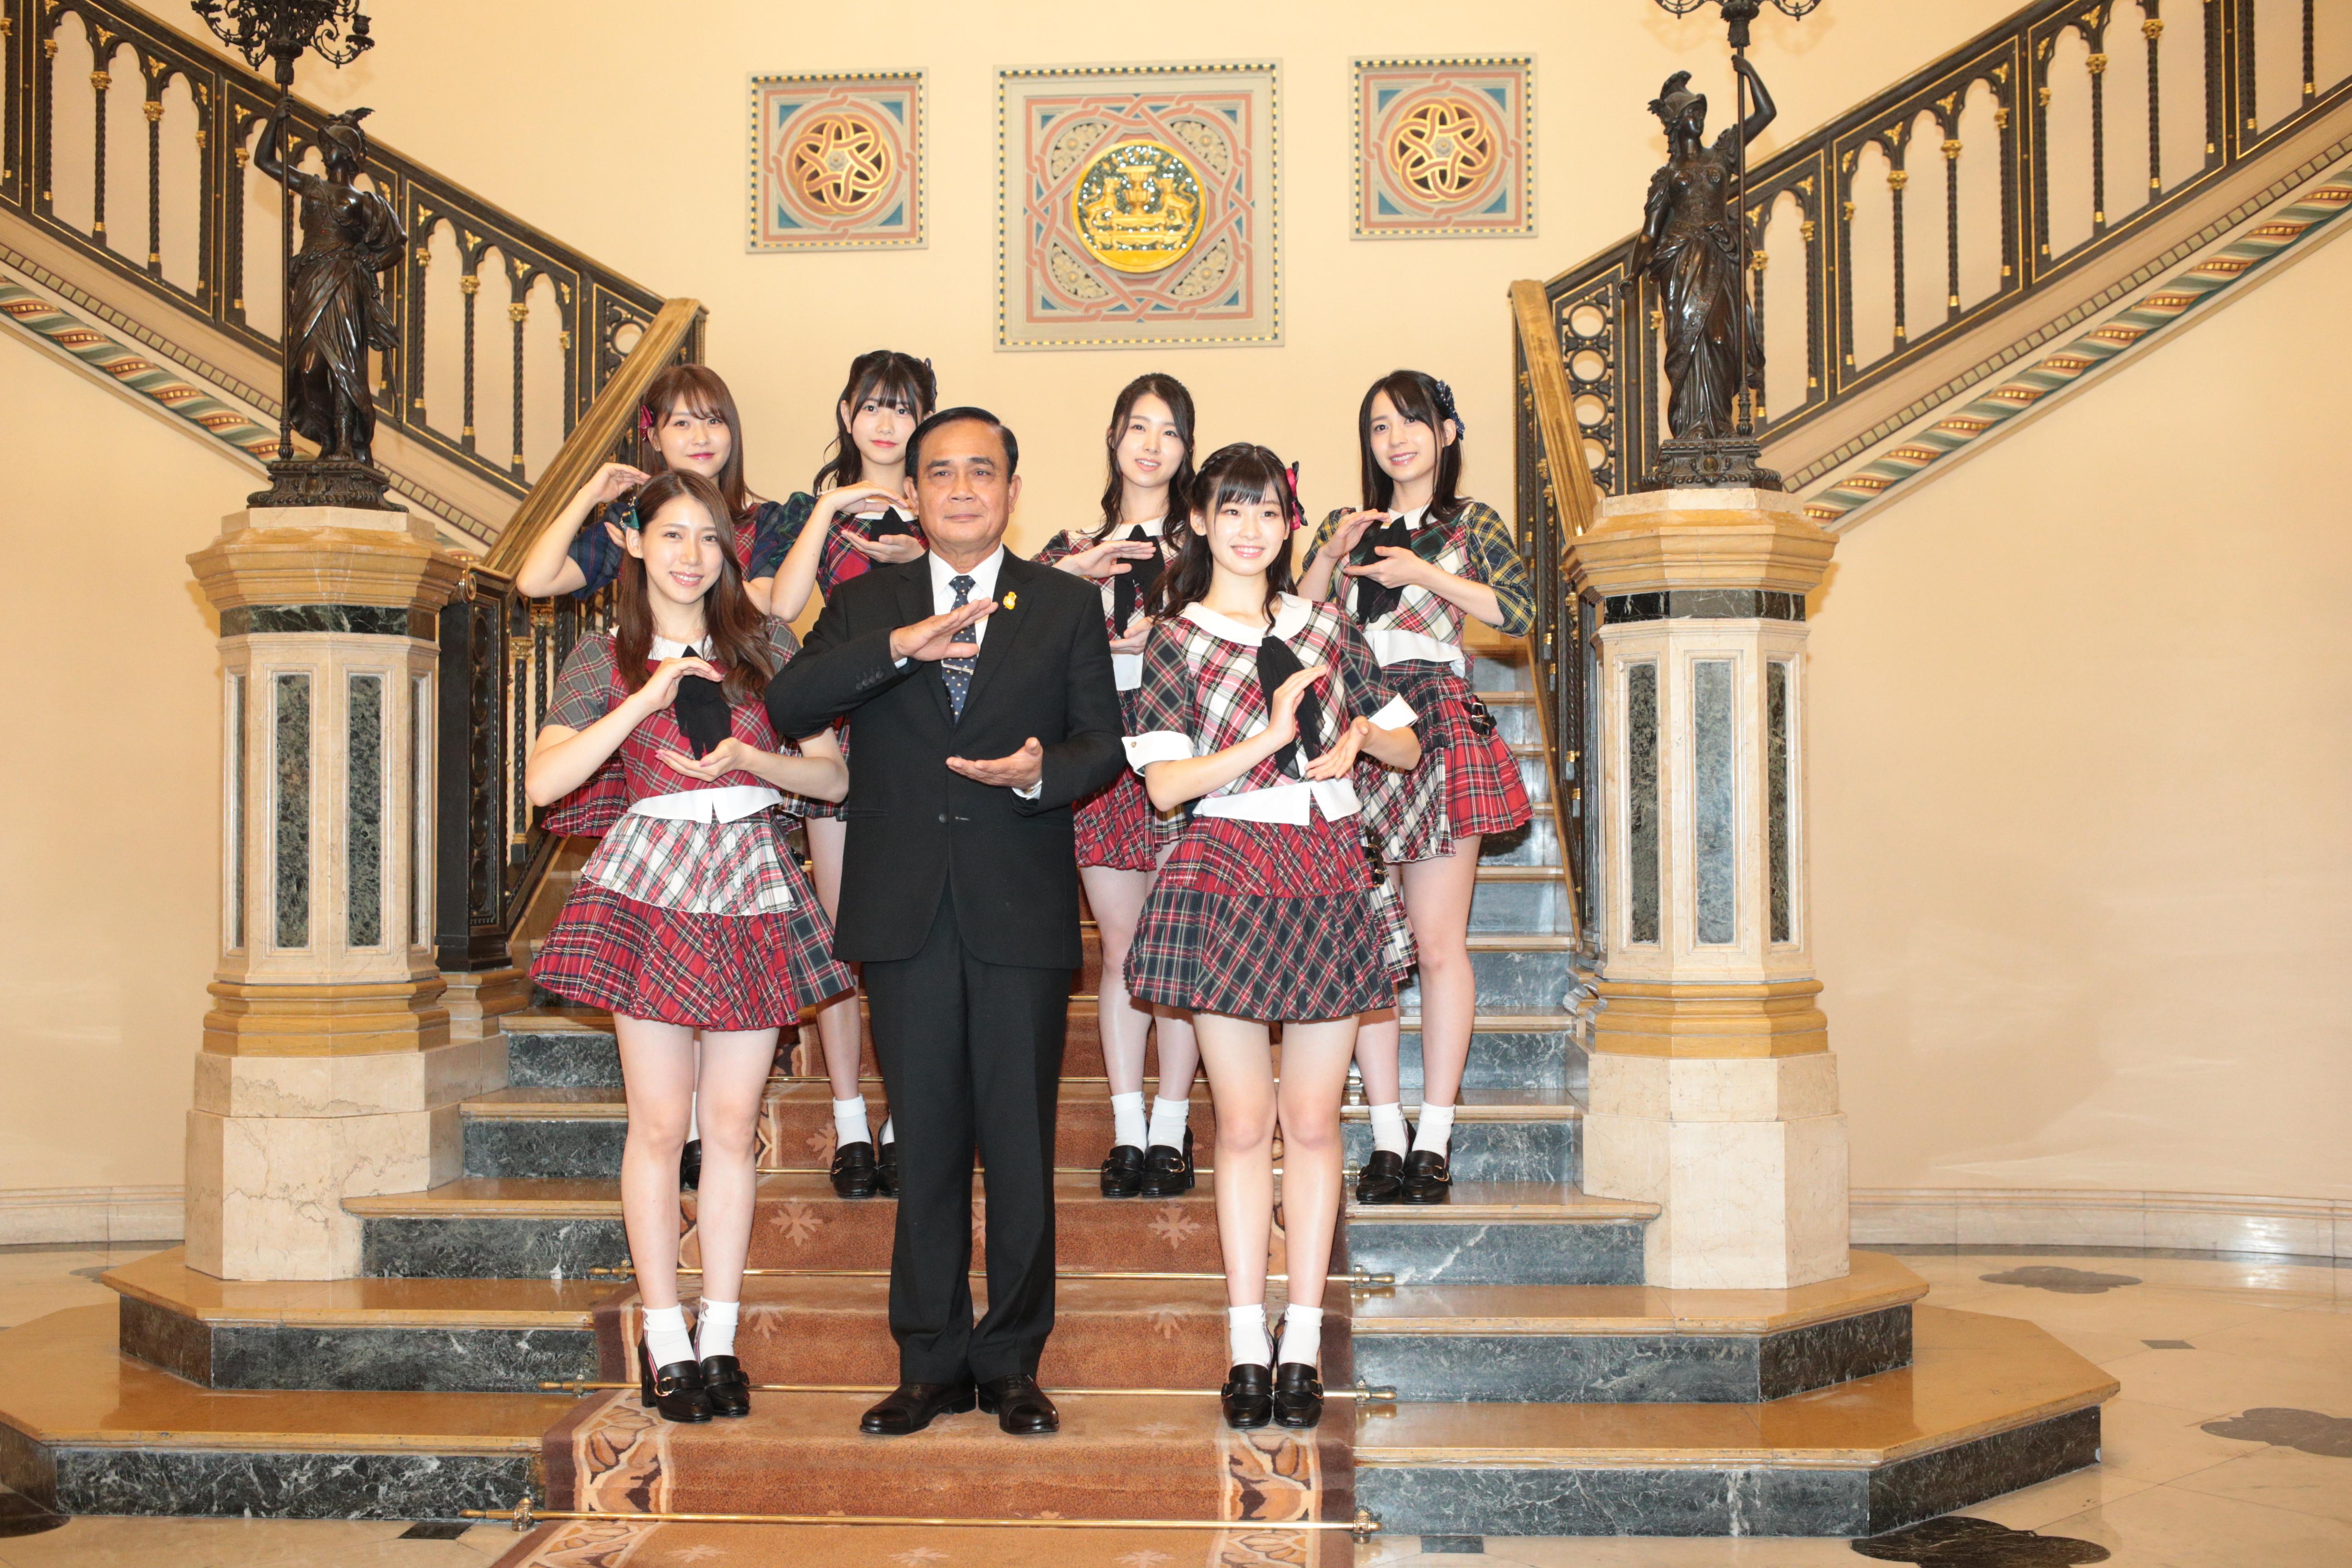 プラユット首相表敬訪問するAKB48メンバー (C) AKS